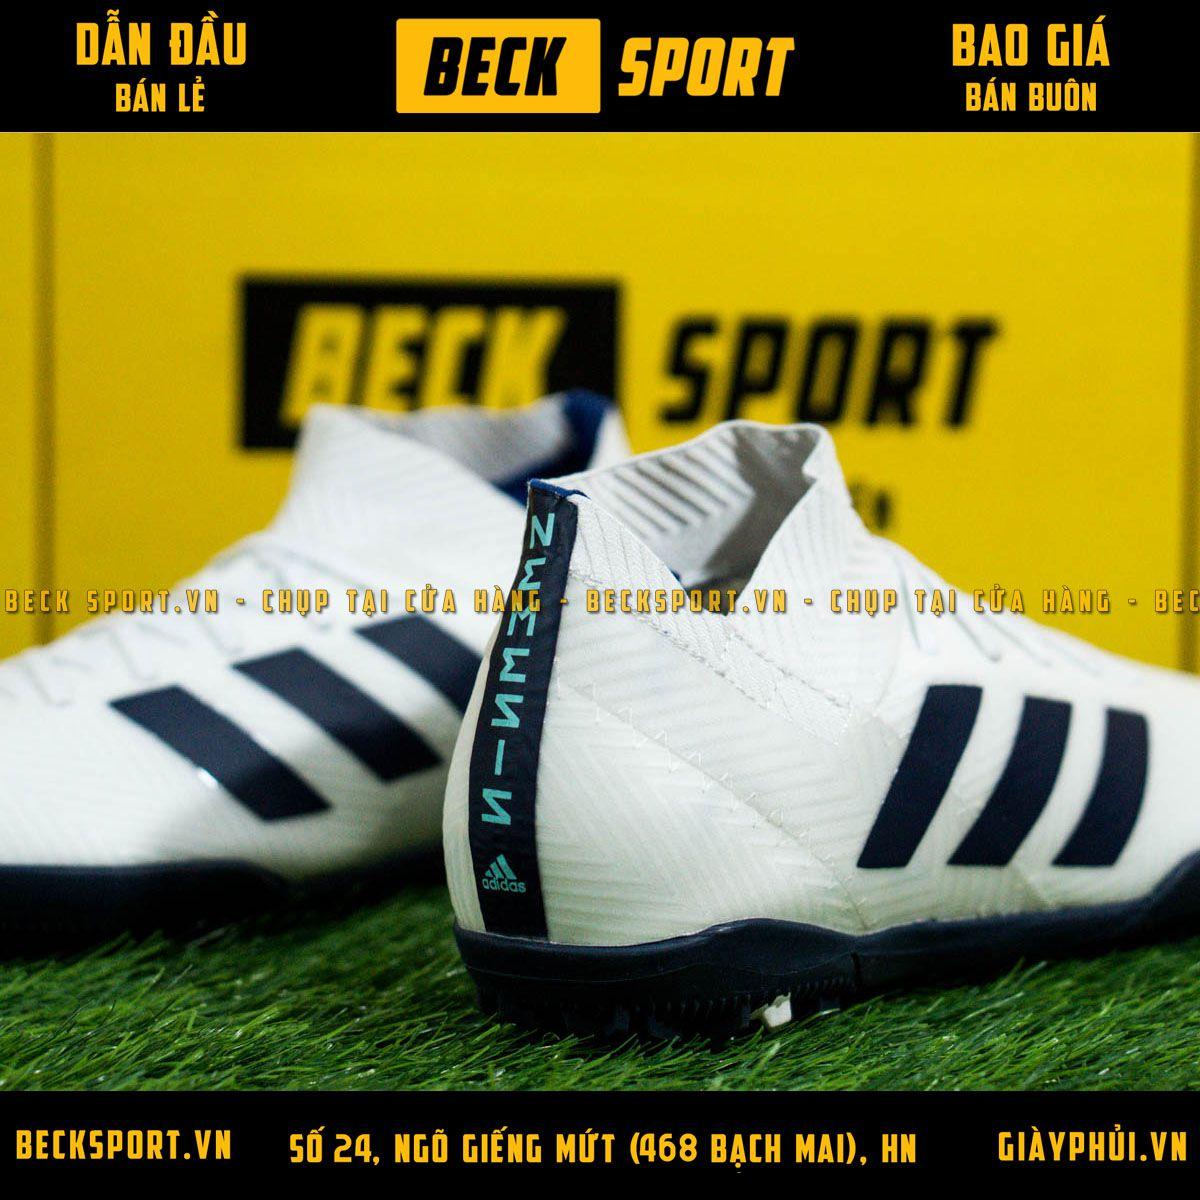 Giày Bóng Đá Adidas Nemeziz 18.3 Trắng Vạch Xanh Than Cổ chéo TF